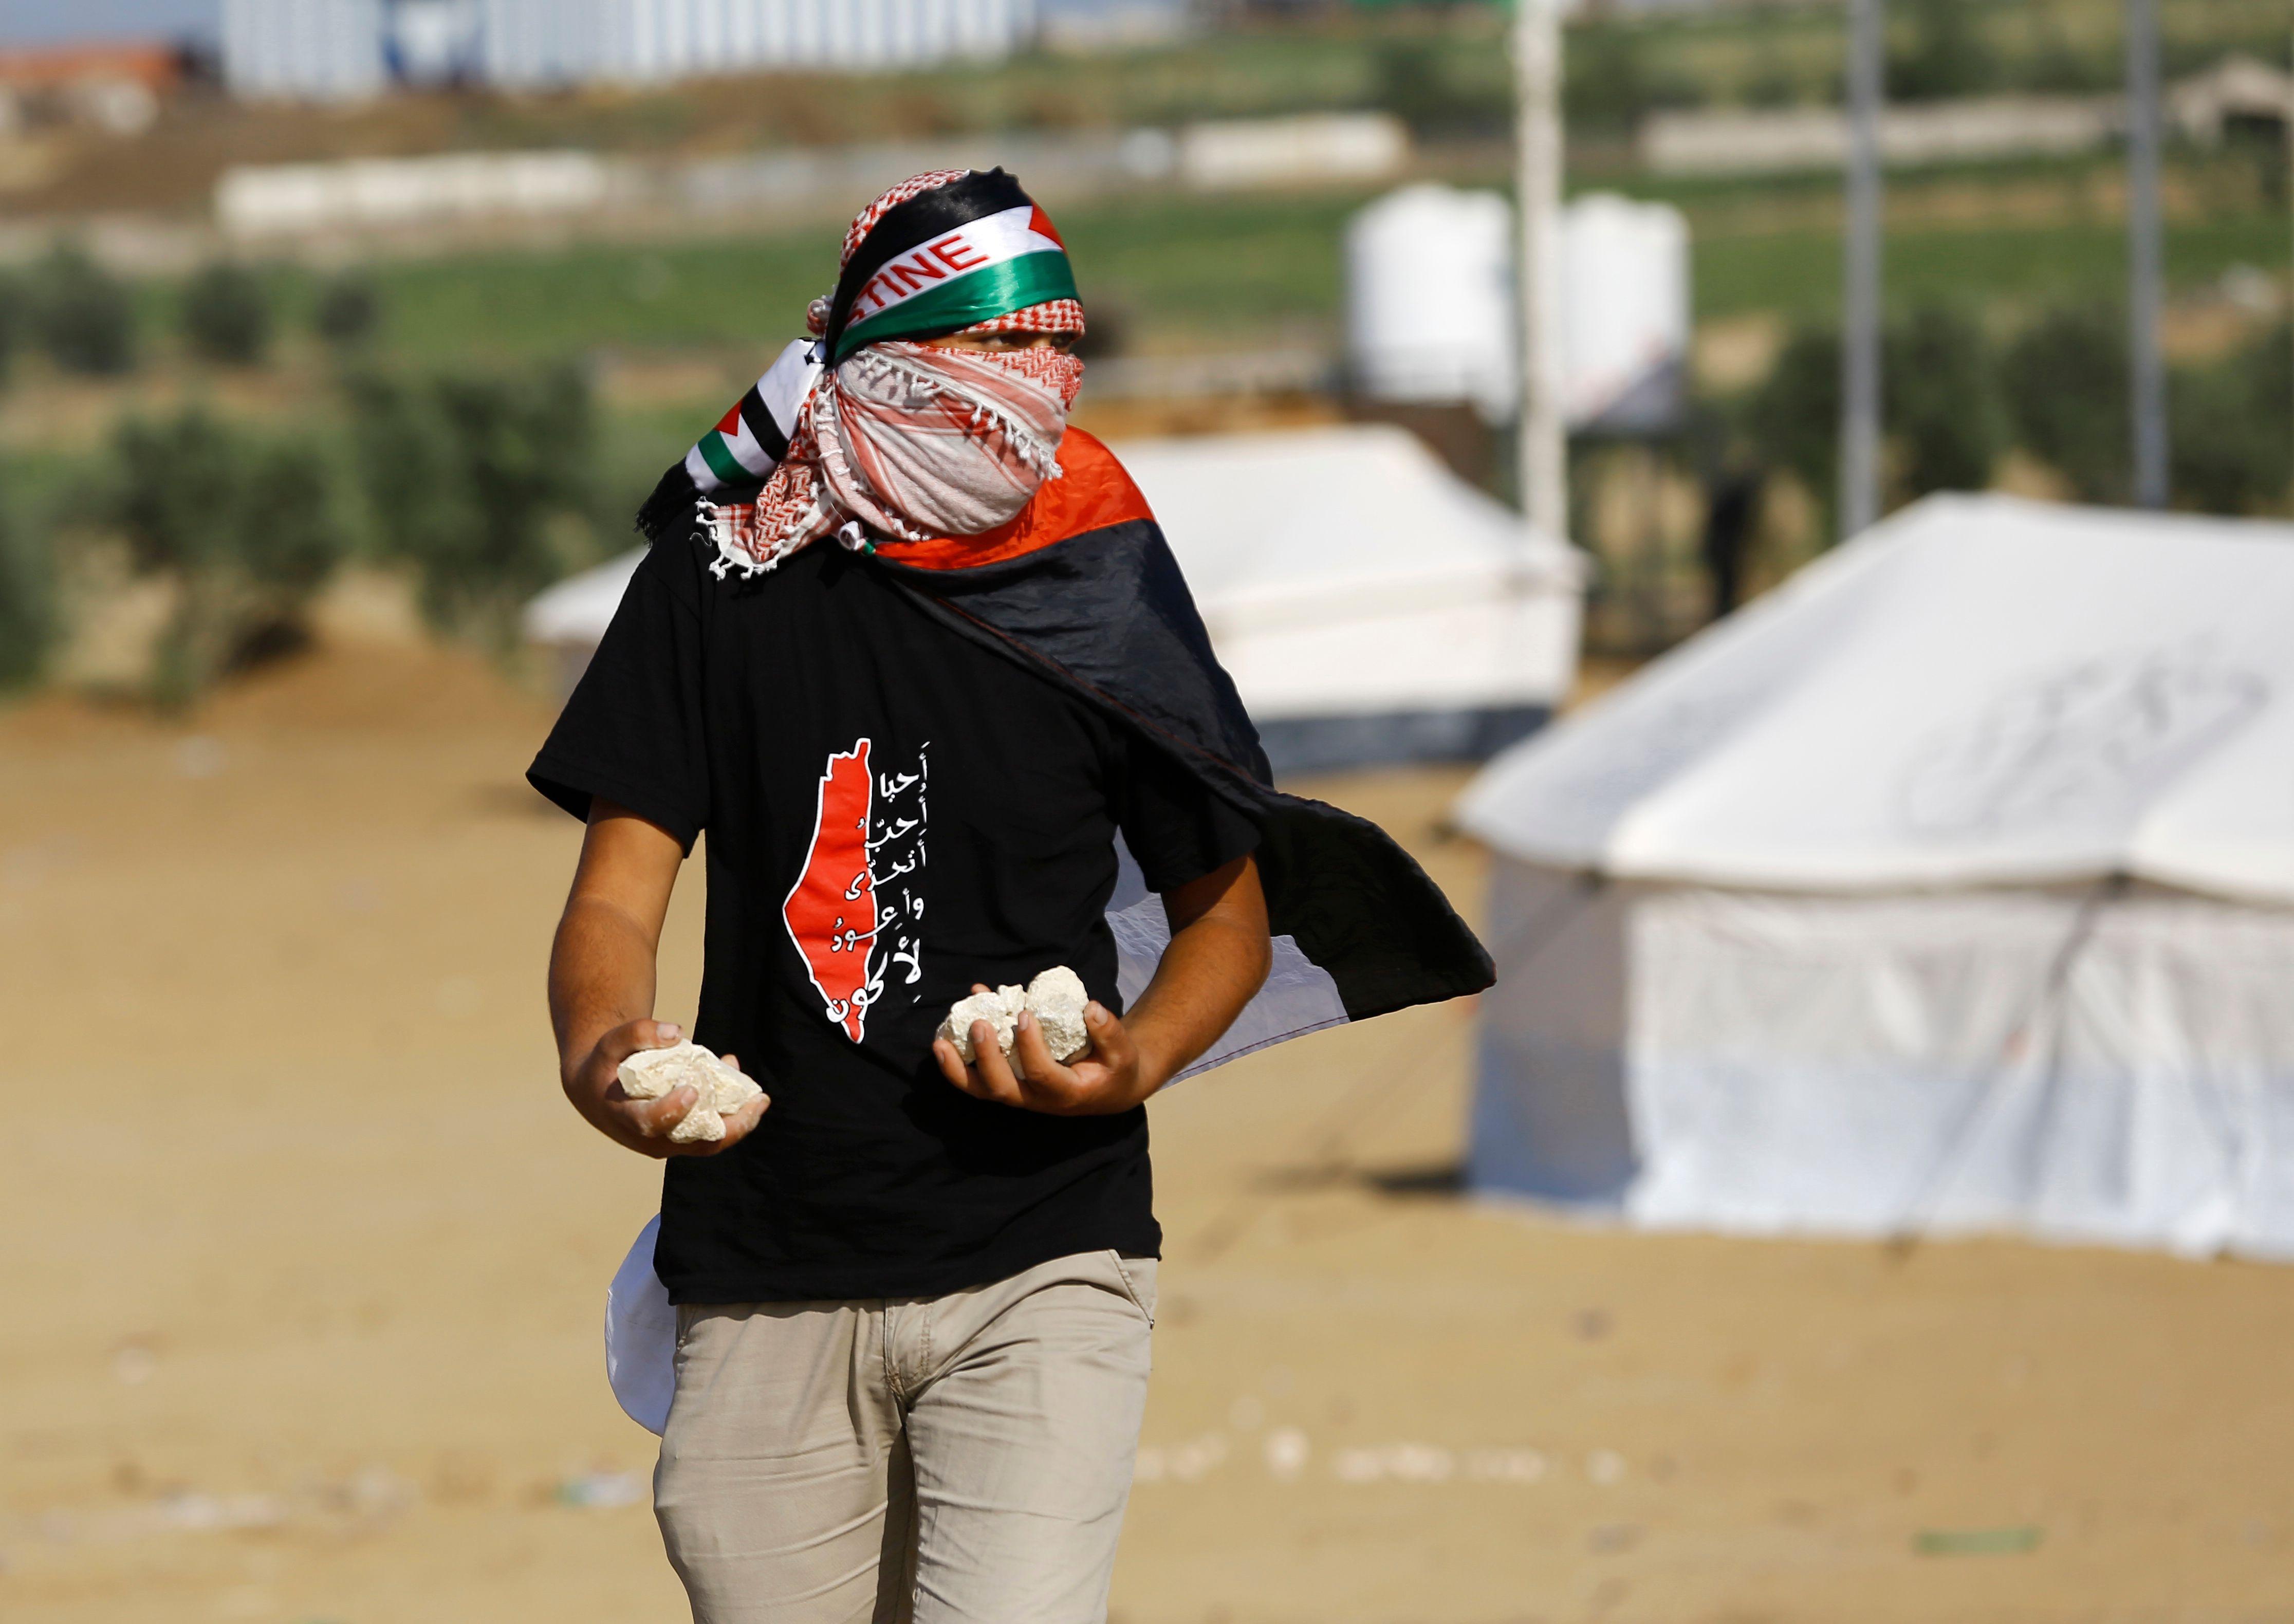 شاب فلسطينى يعد الحجارة لمواجهة رصاص الاحتلال بغزة